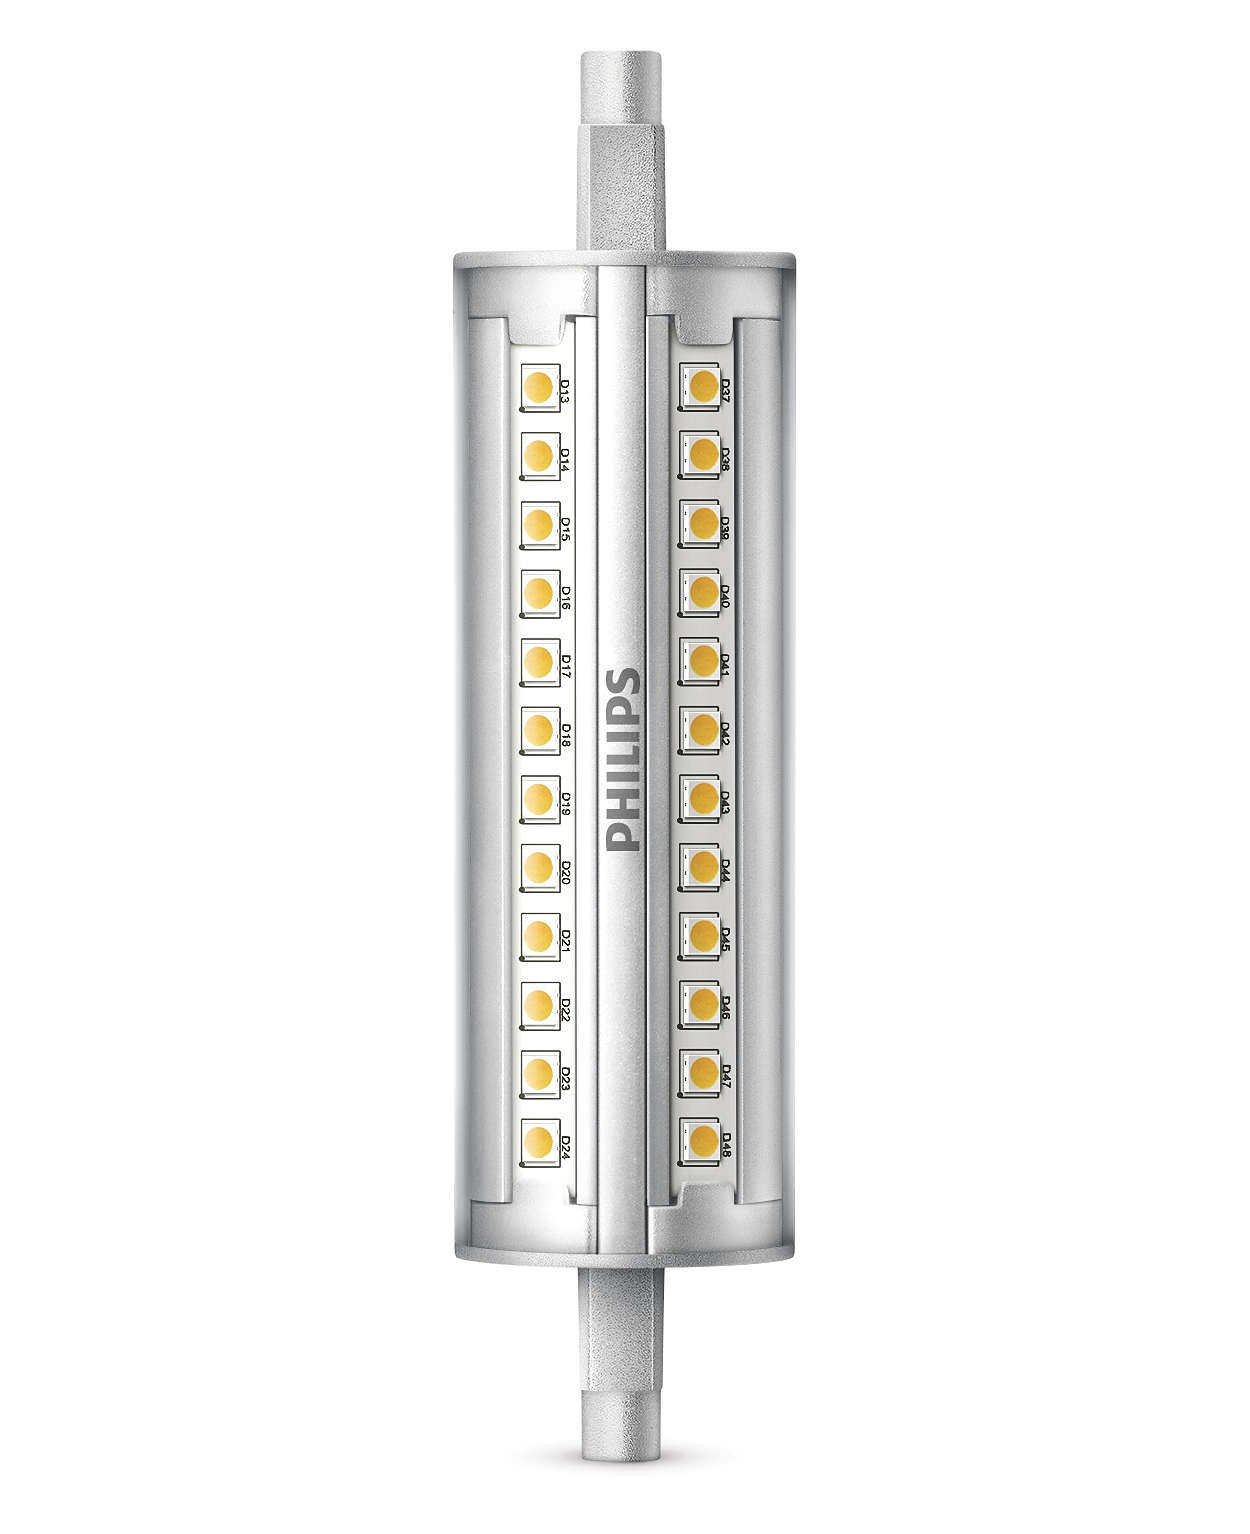 Lineær LED som kan dimmes, med en stråle på 300grader